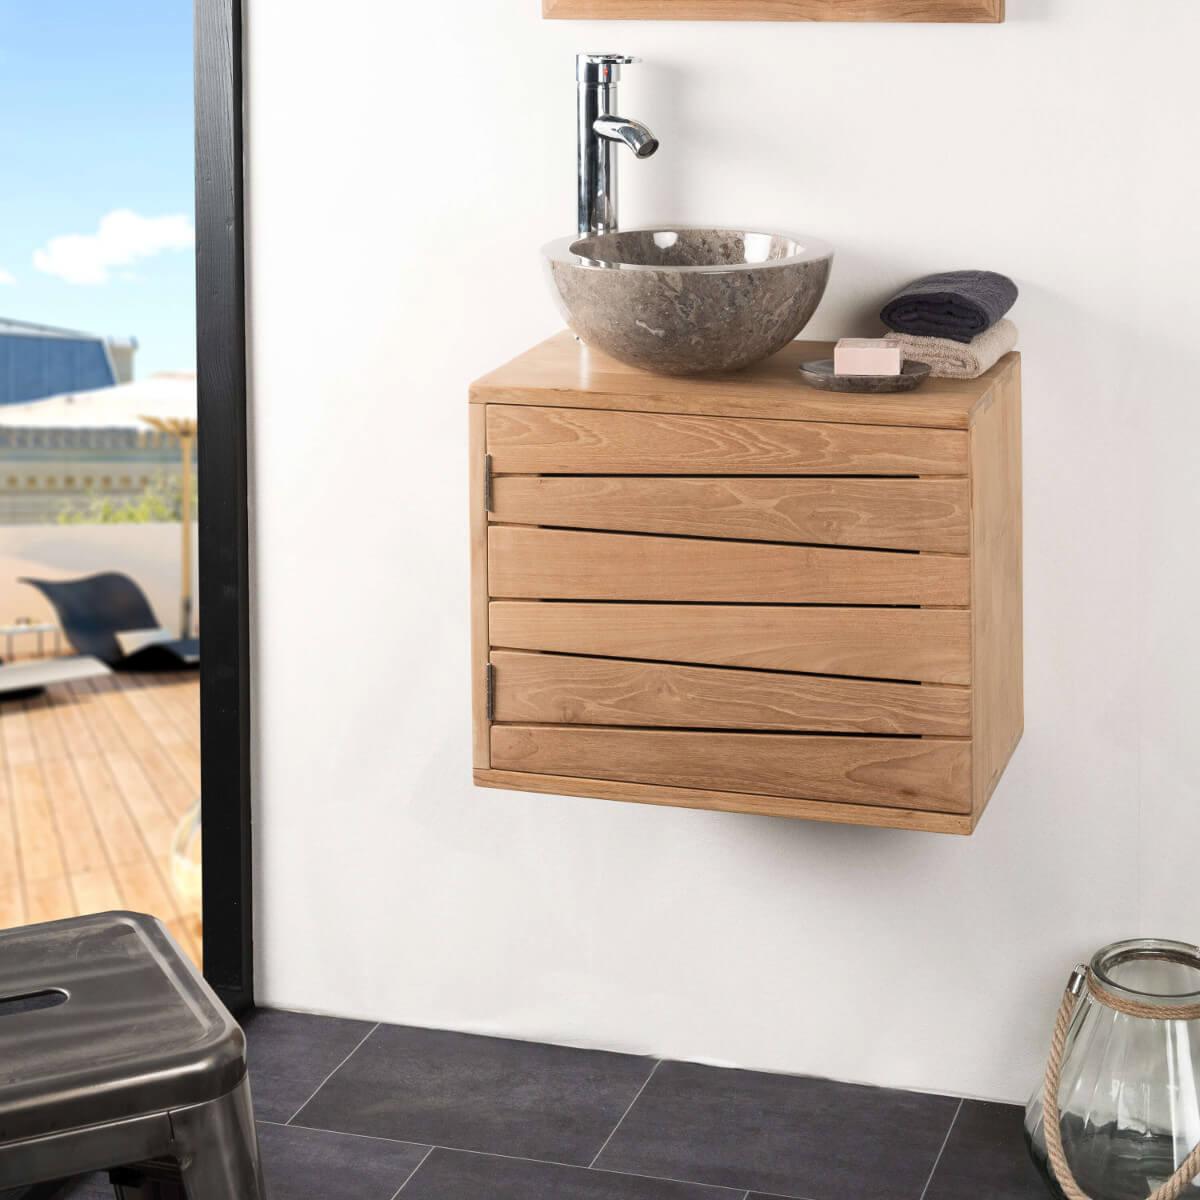 meuble sous vasque simple vasque suspendu en bois teck. Black Bedroom Furniture Sets. Home Design Ideas